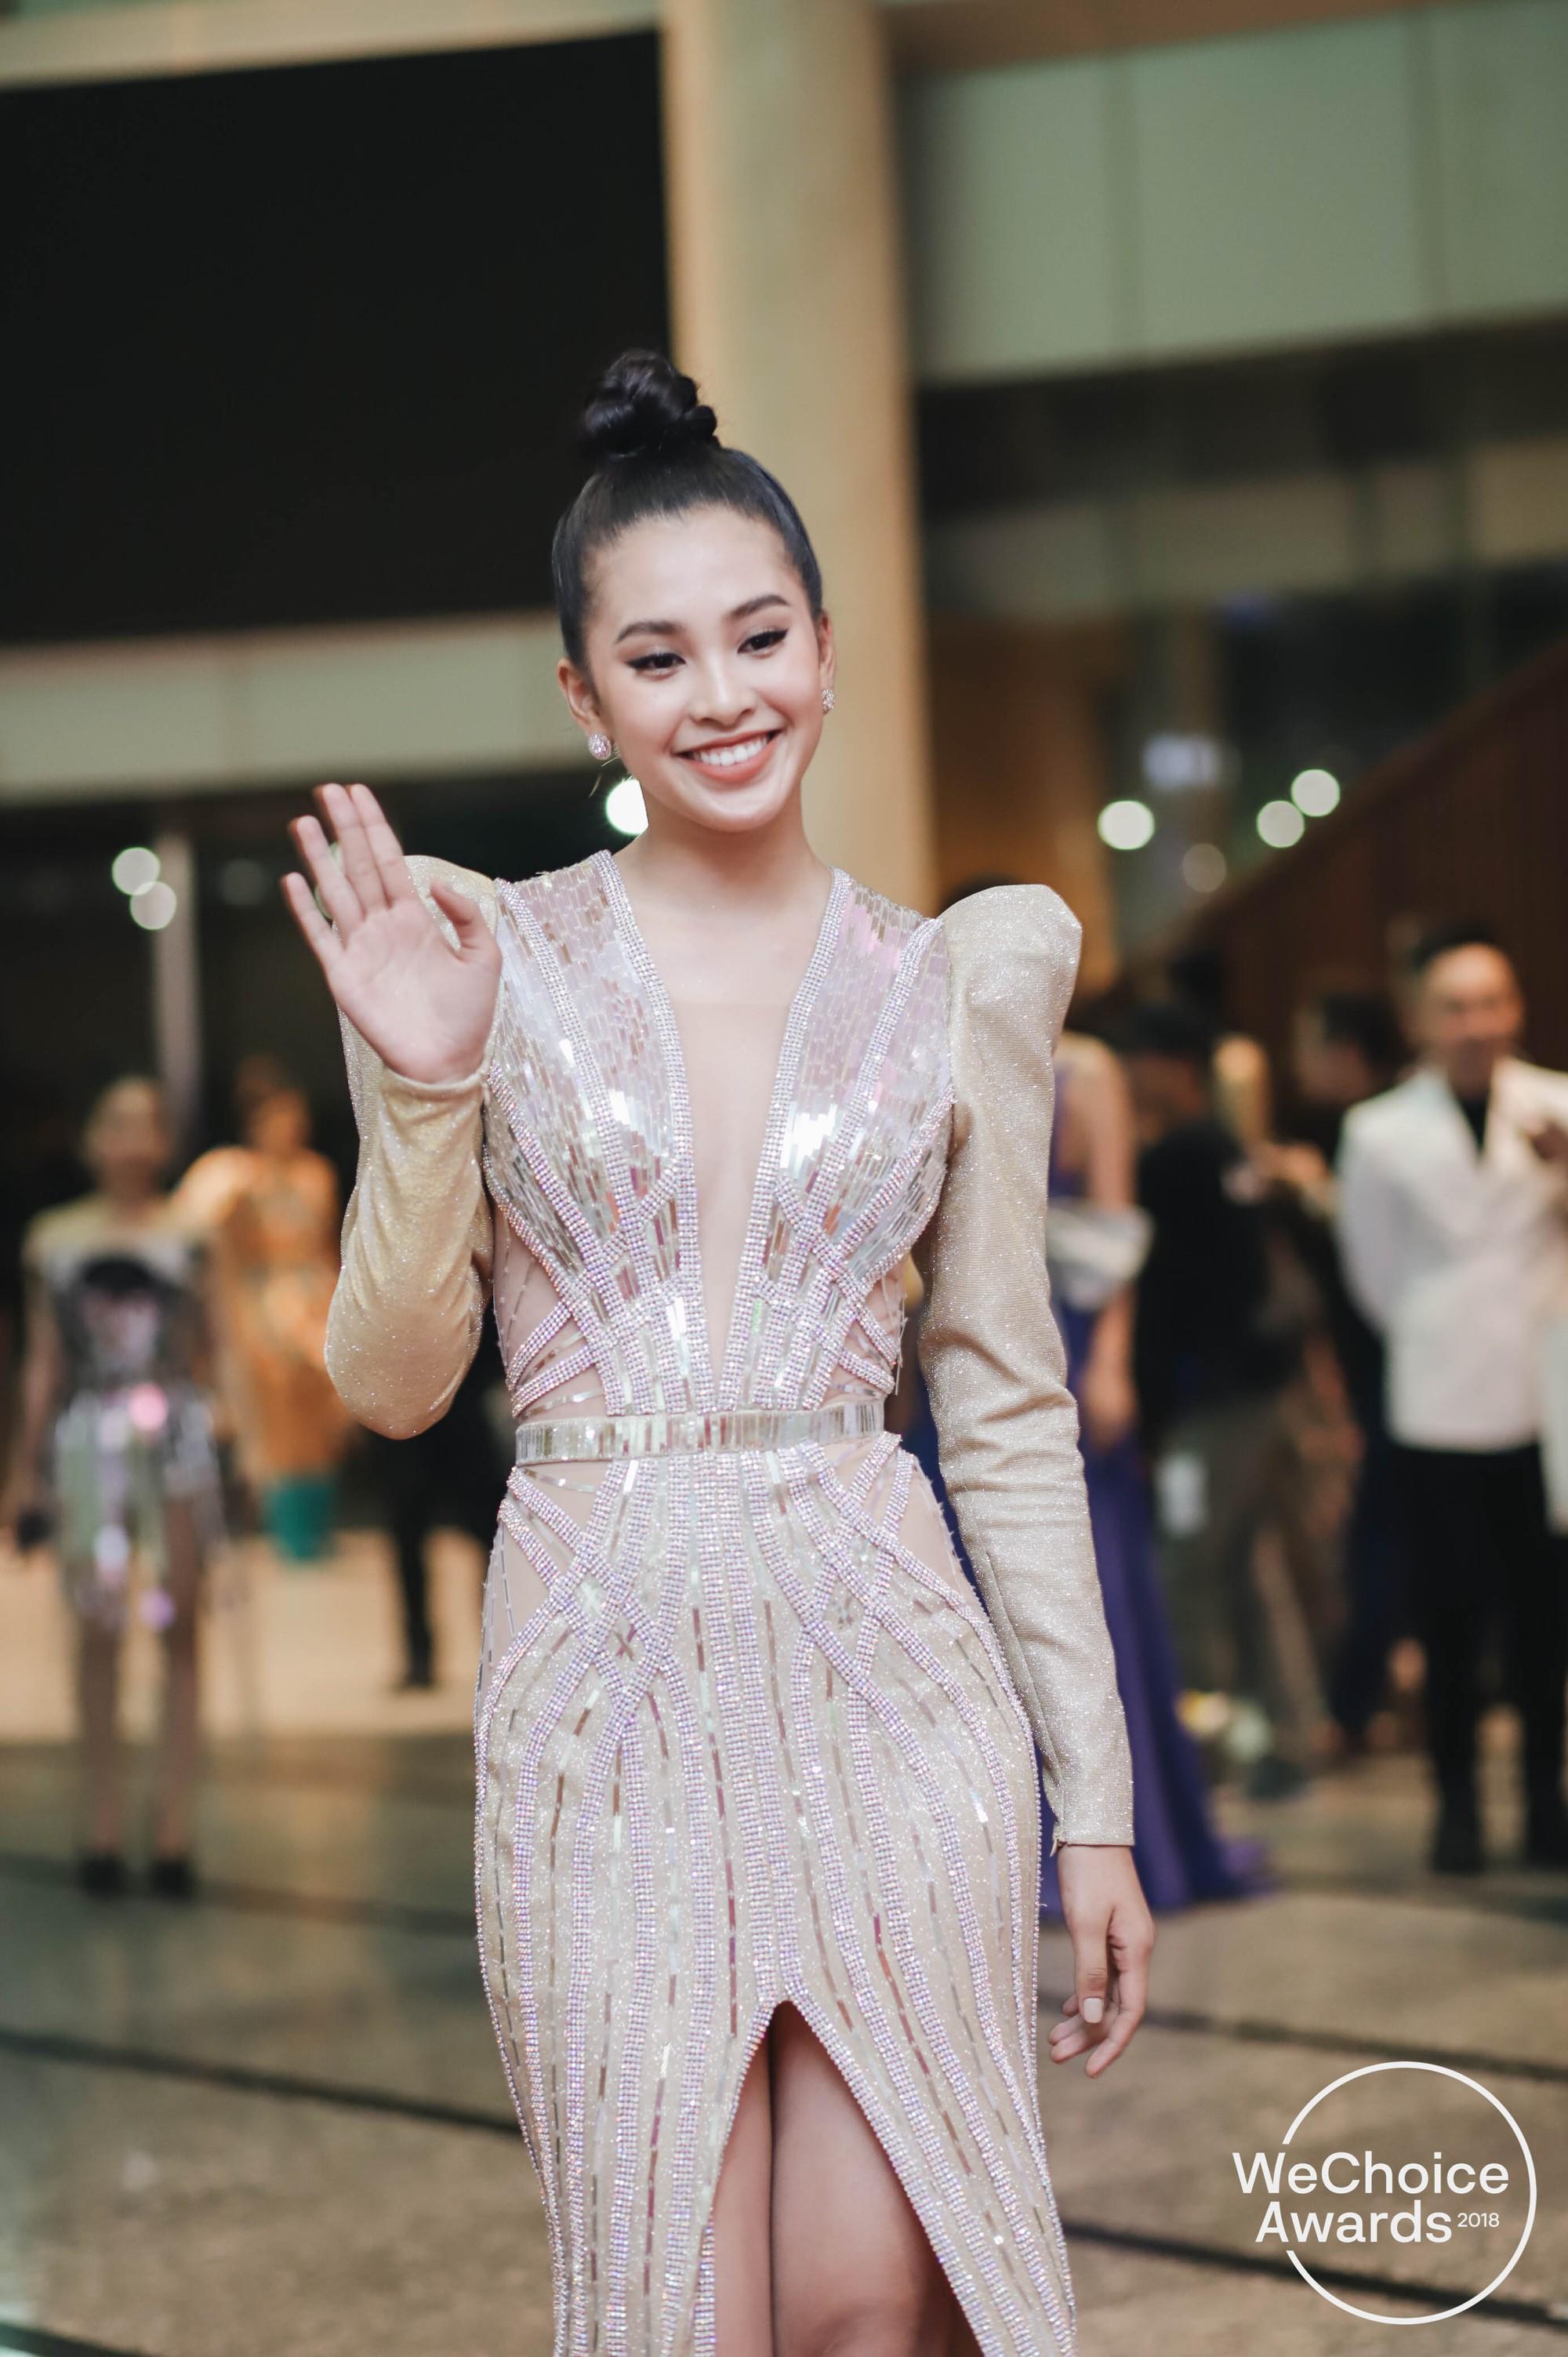 Màn đọ sắc cực gắt của dàn Hoa hậu đình đám nhất Vbiz trên thảm đỏ WeChoice: Sang chảnh và đỉnh cao là đây! - Ảnh 8.